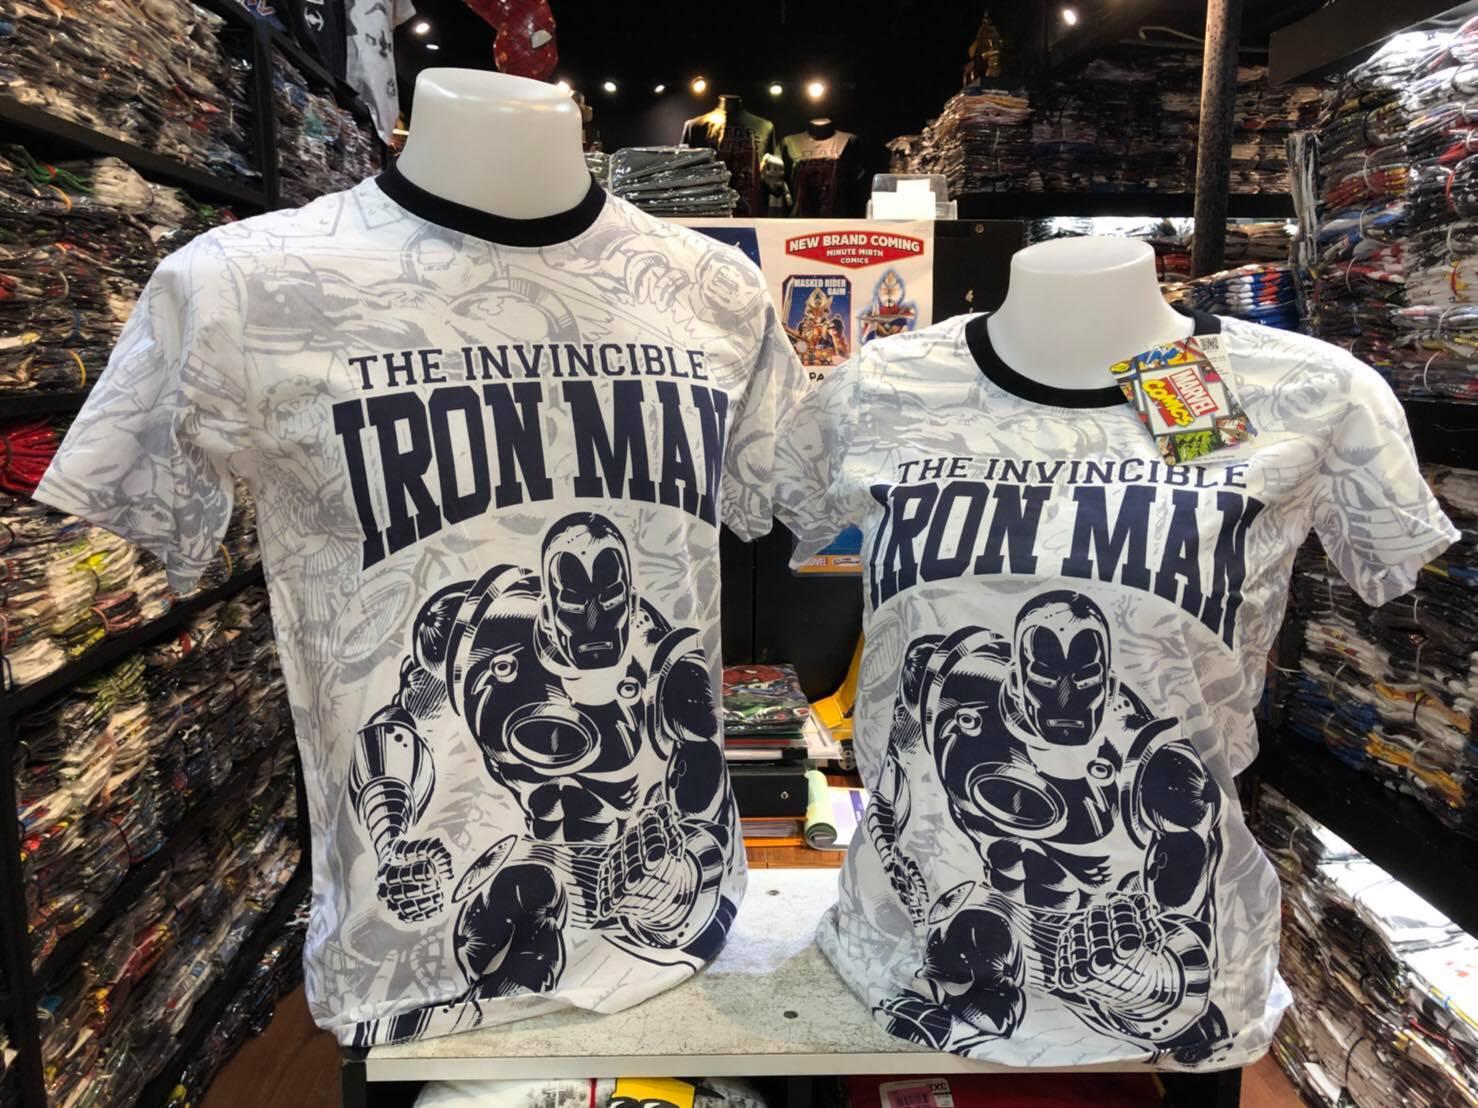 ไอรอนแมน สีขาว (Ironman The Invincible Comic White CODE:1079)